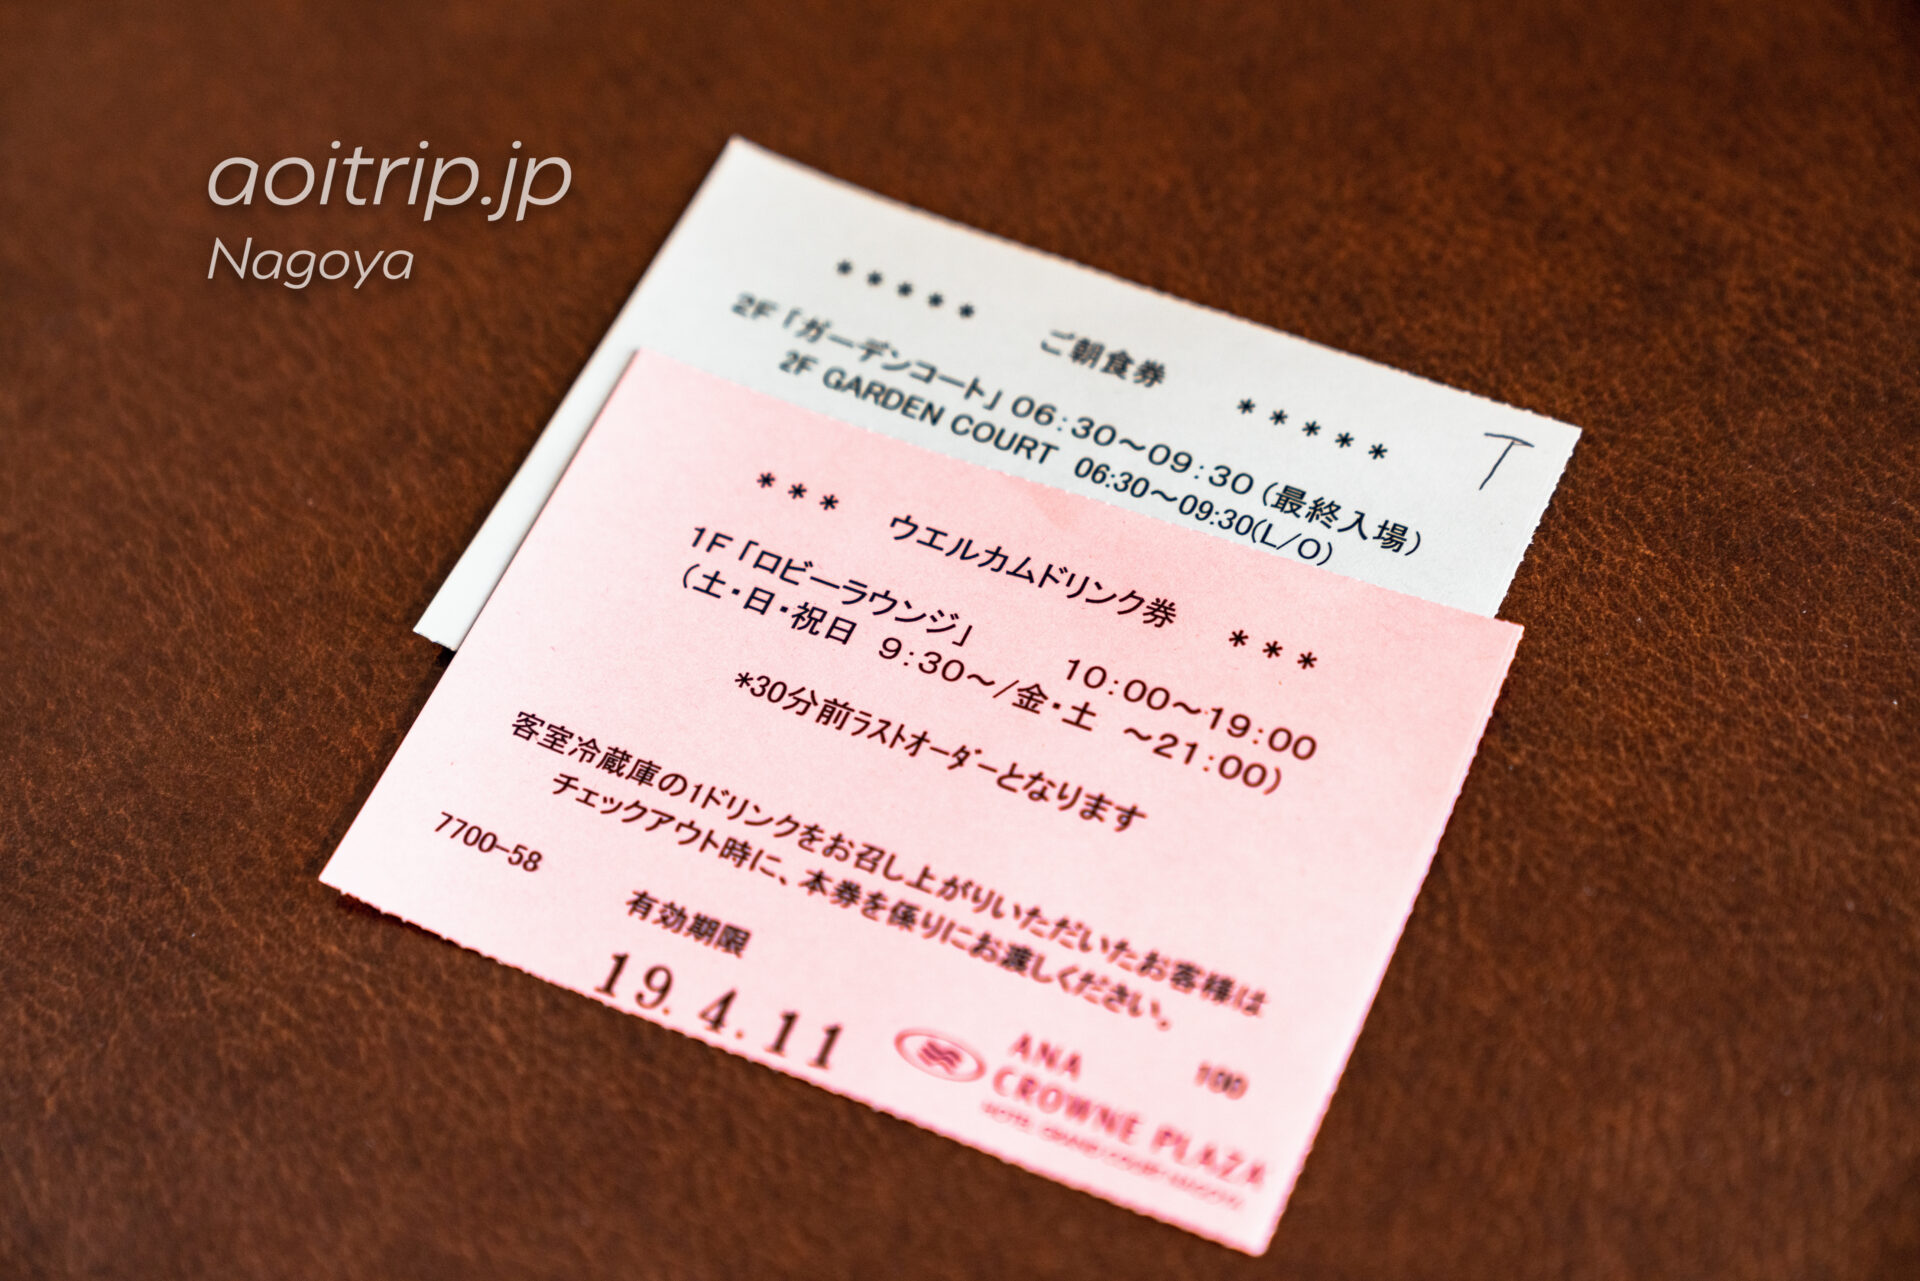 ANAクラウンプラザホテルグランコート名古屋 SFCプラン ウェルカムドリンク券